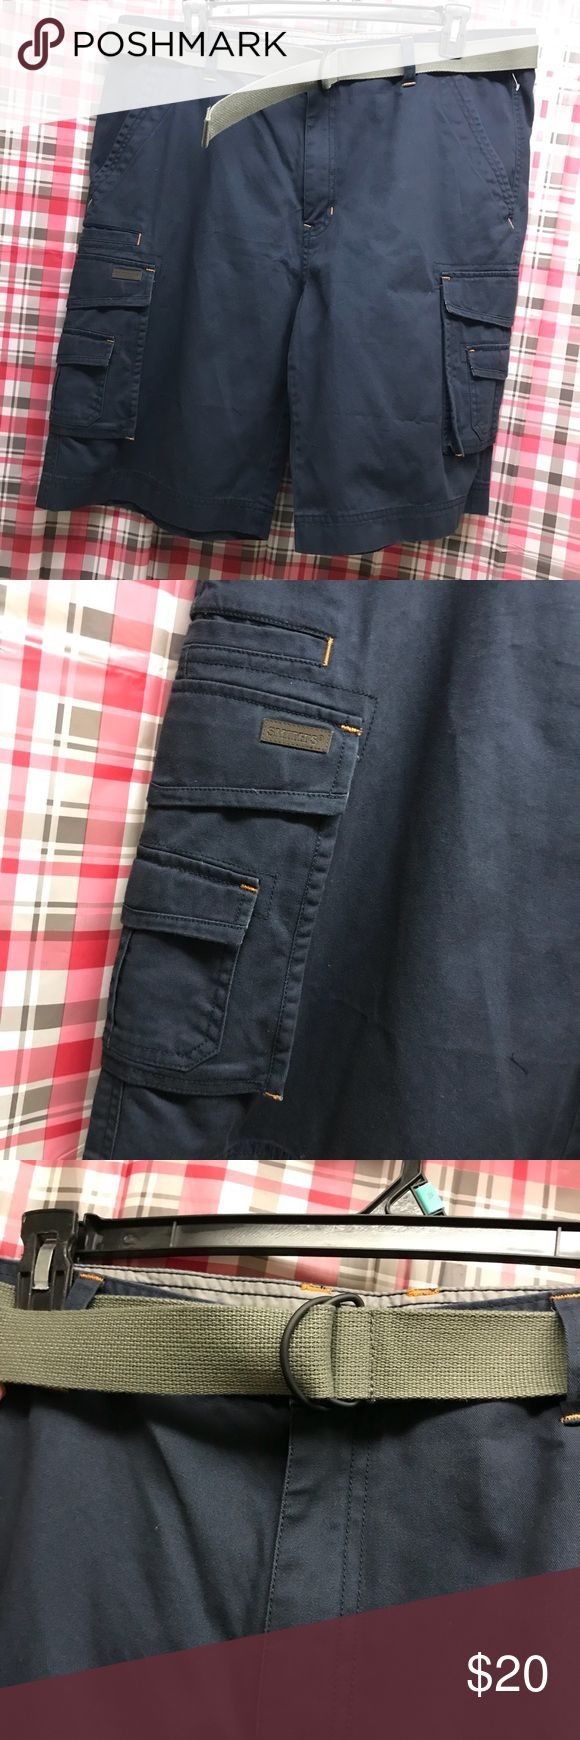 Smith's workwear size 40 cargo shorts w belt NWT Brand new with tags Smith's Workwear Shorts Cargo